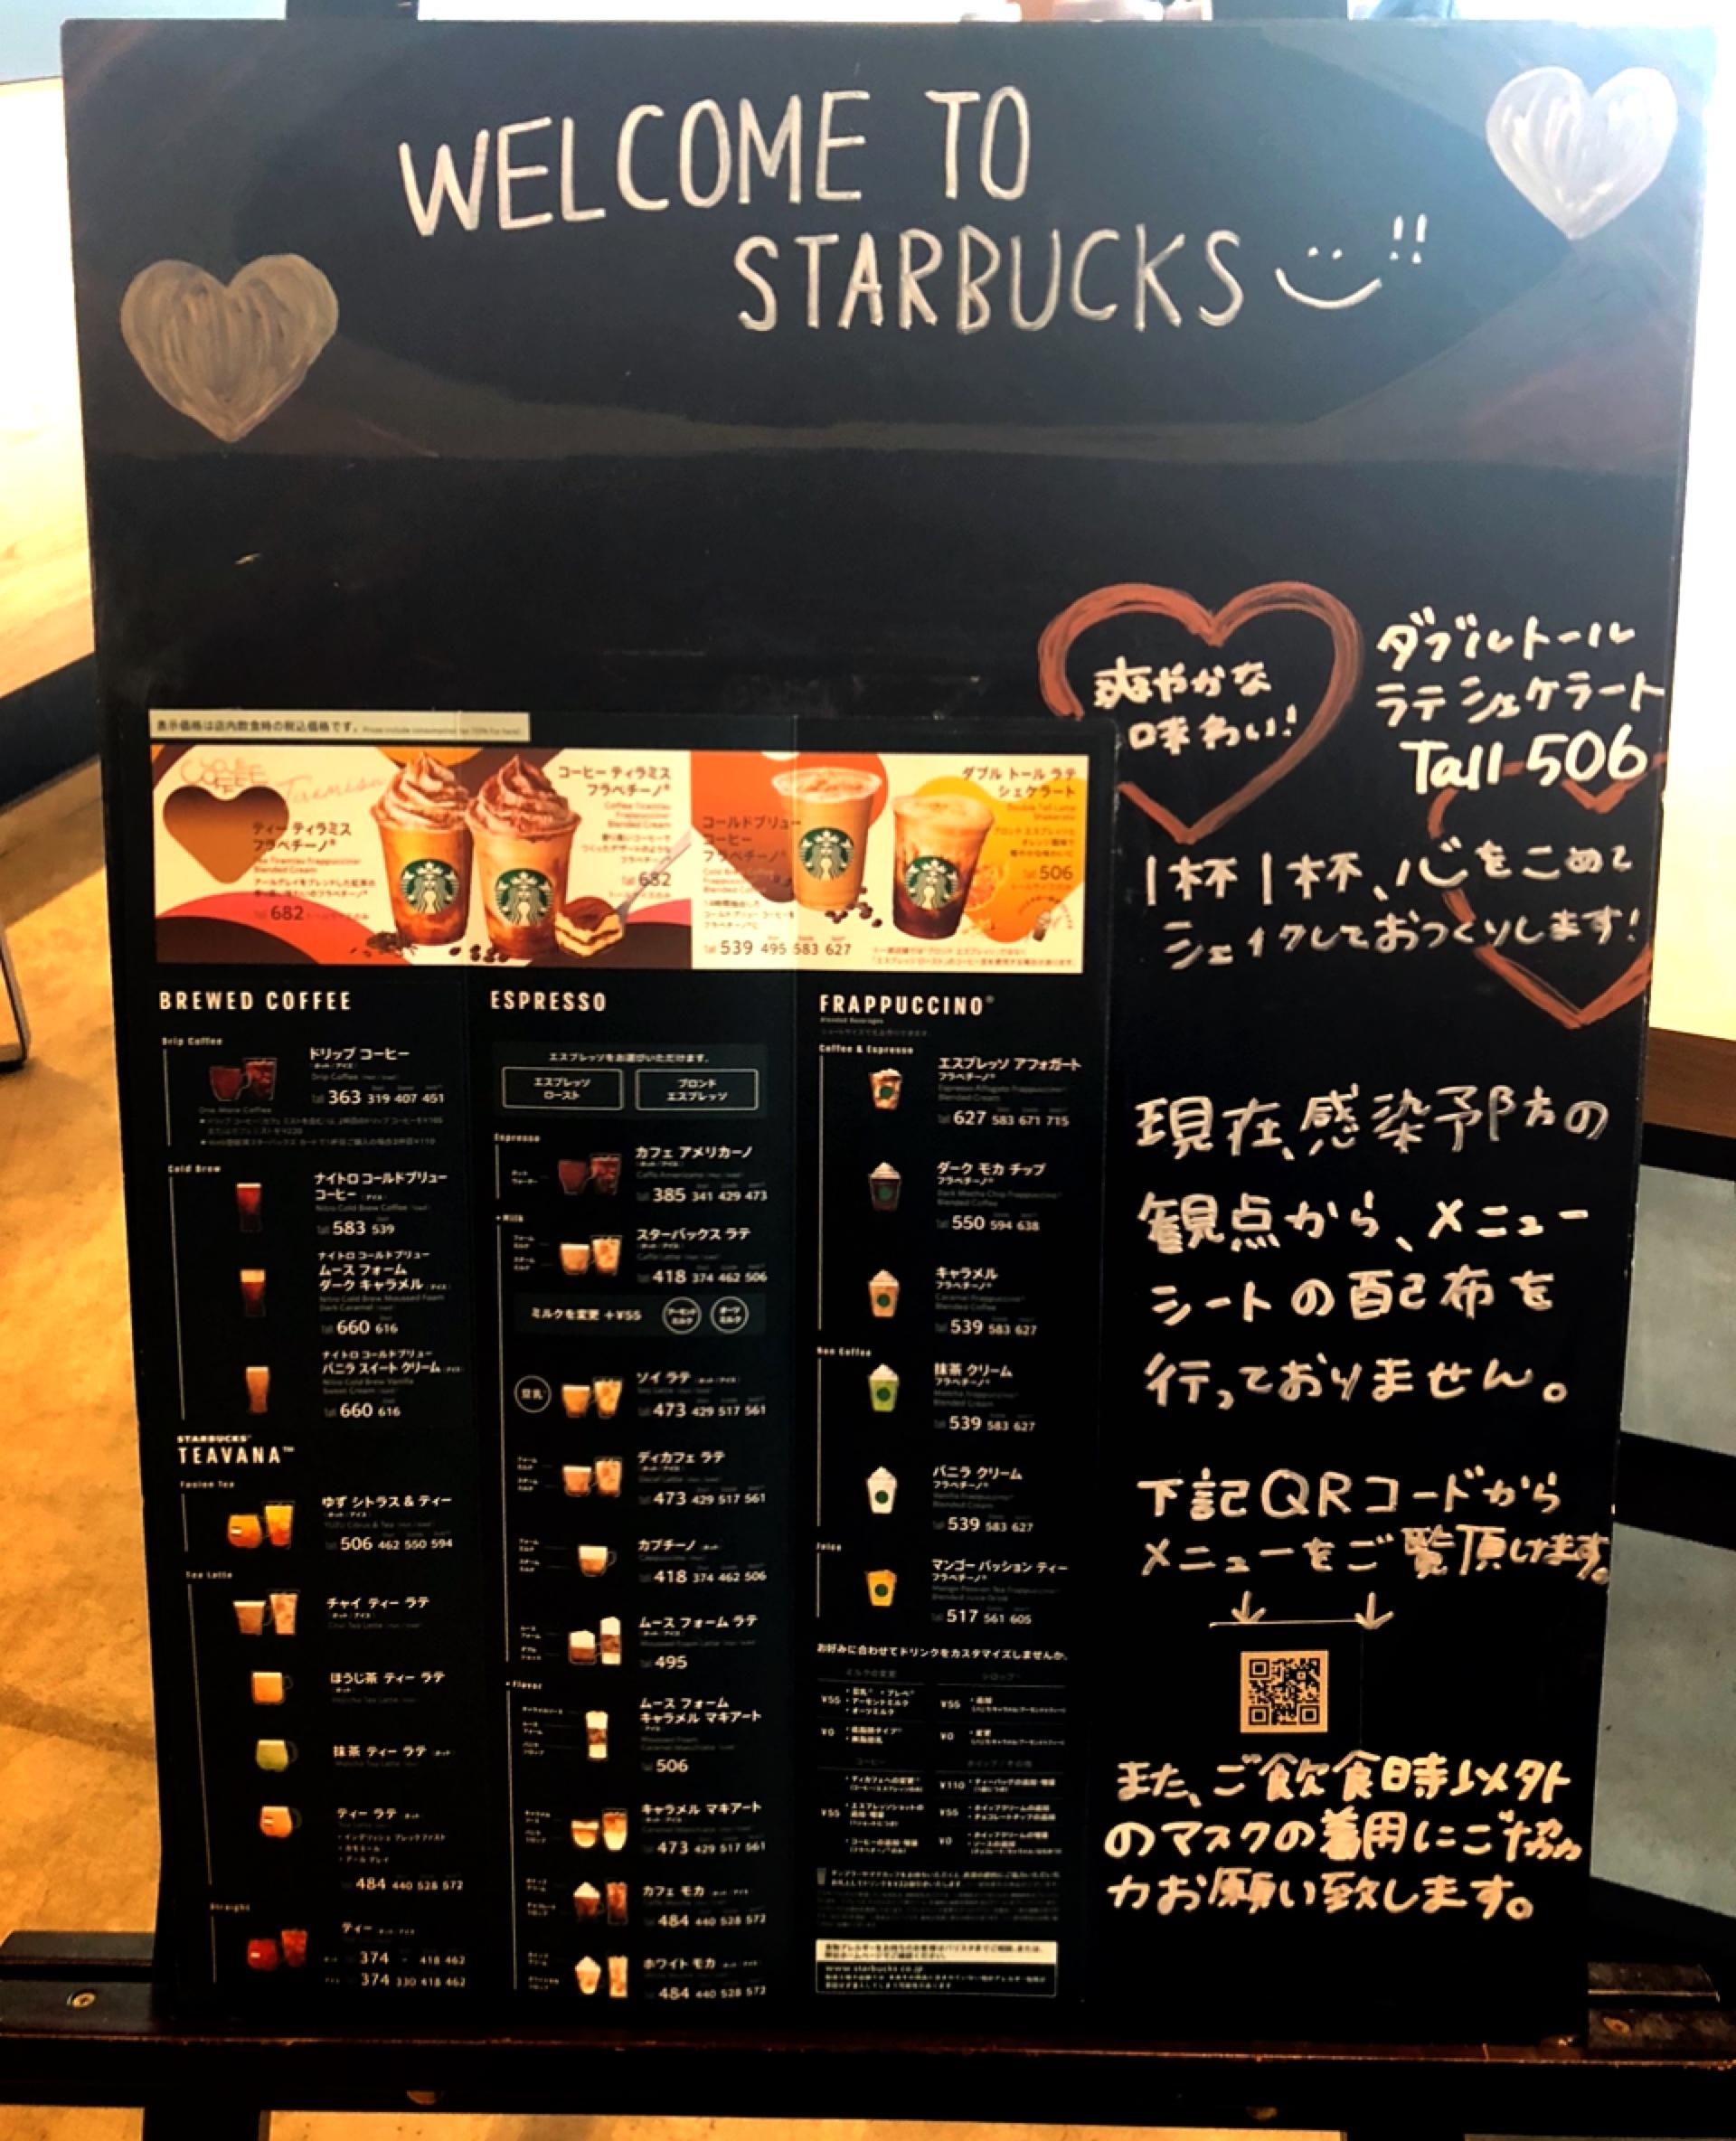 【#スタバ新作♡】4/14〜 ✧˚日本上陸25周年˚✧飲む贅沢デザート*コーヒーティラミスフラペチーノ_3